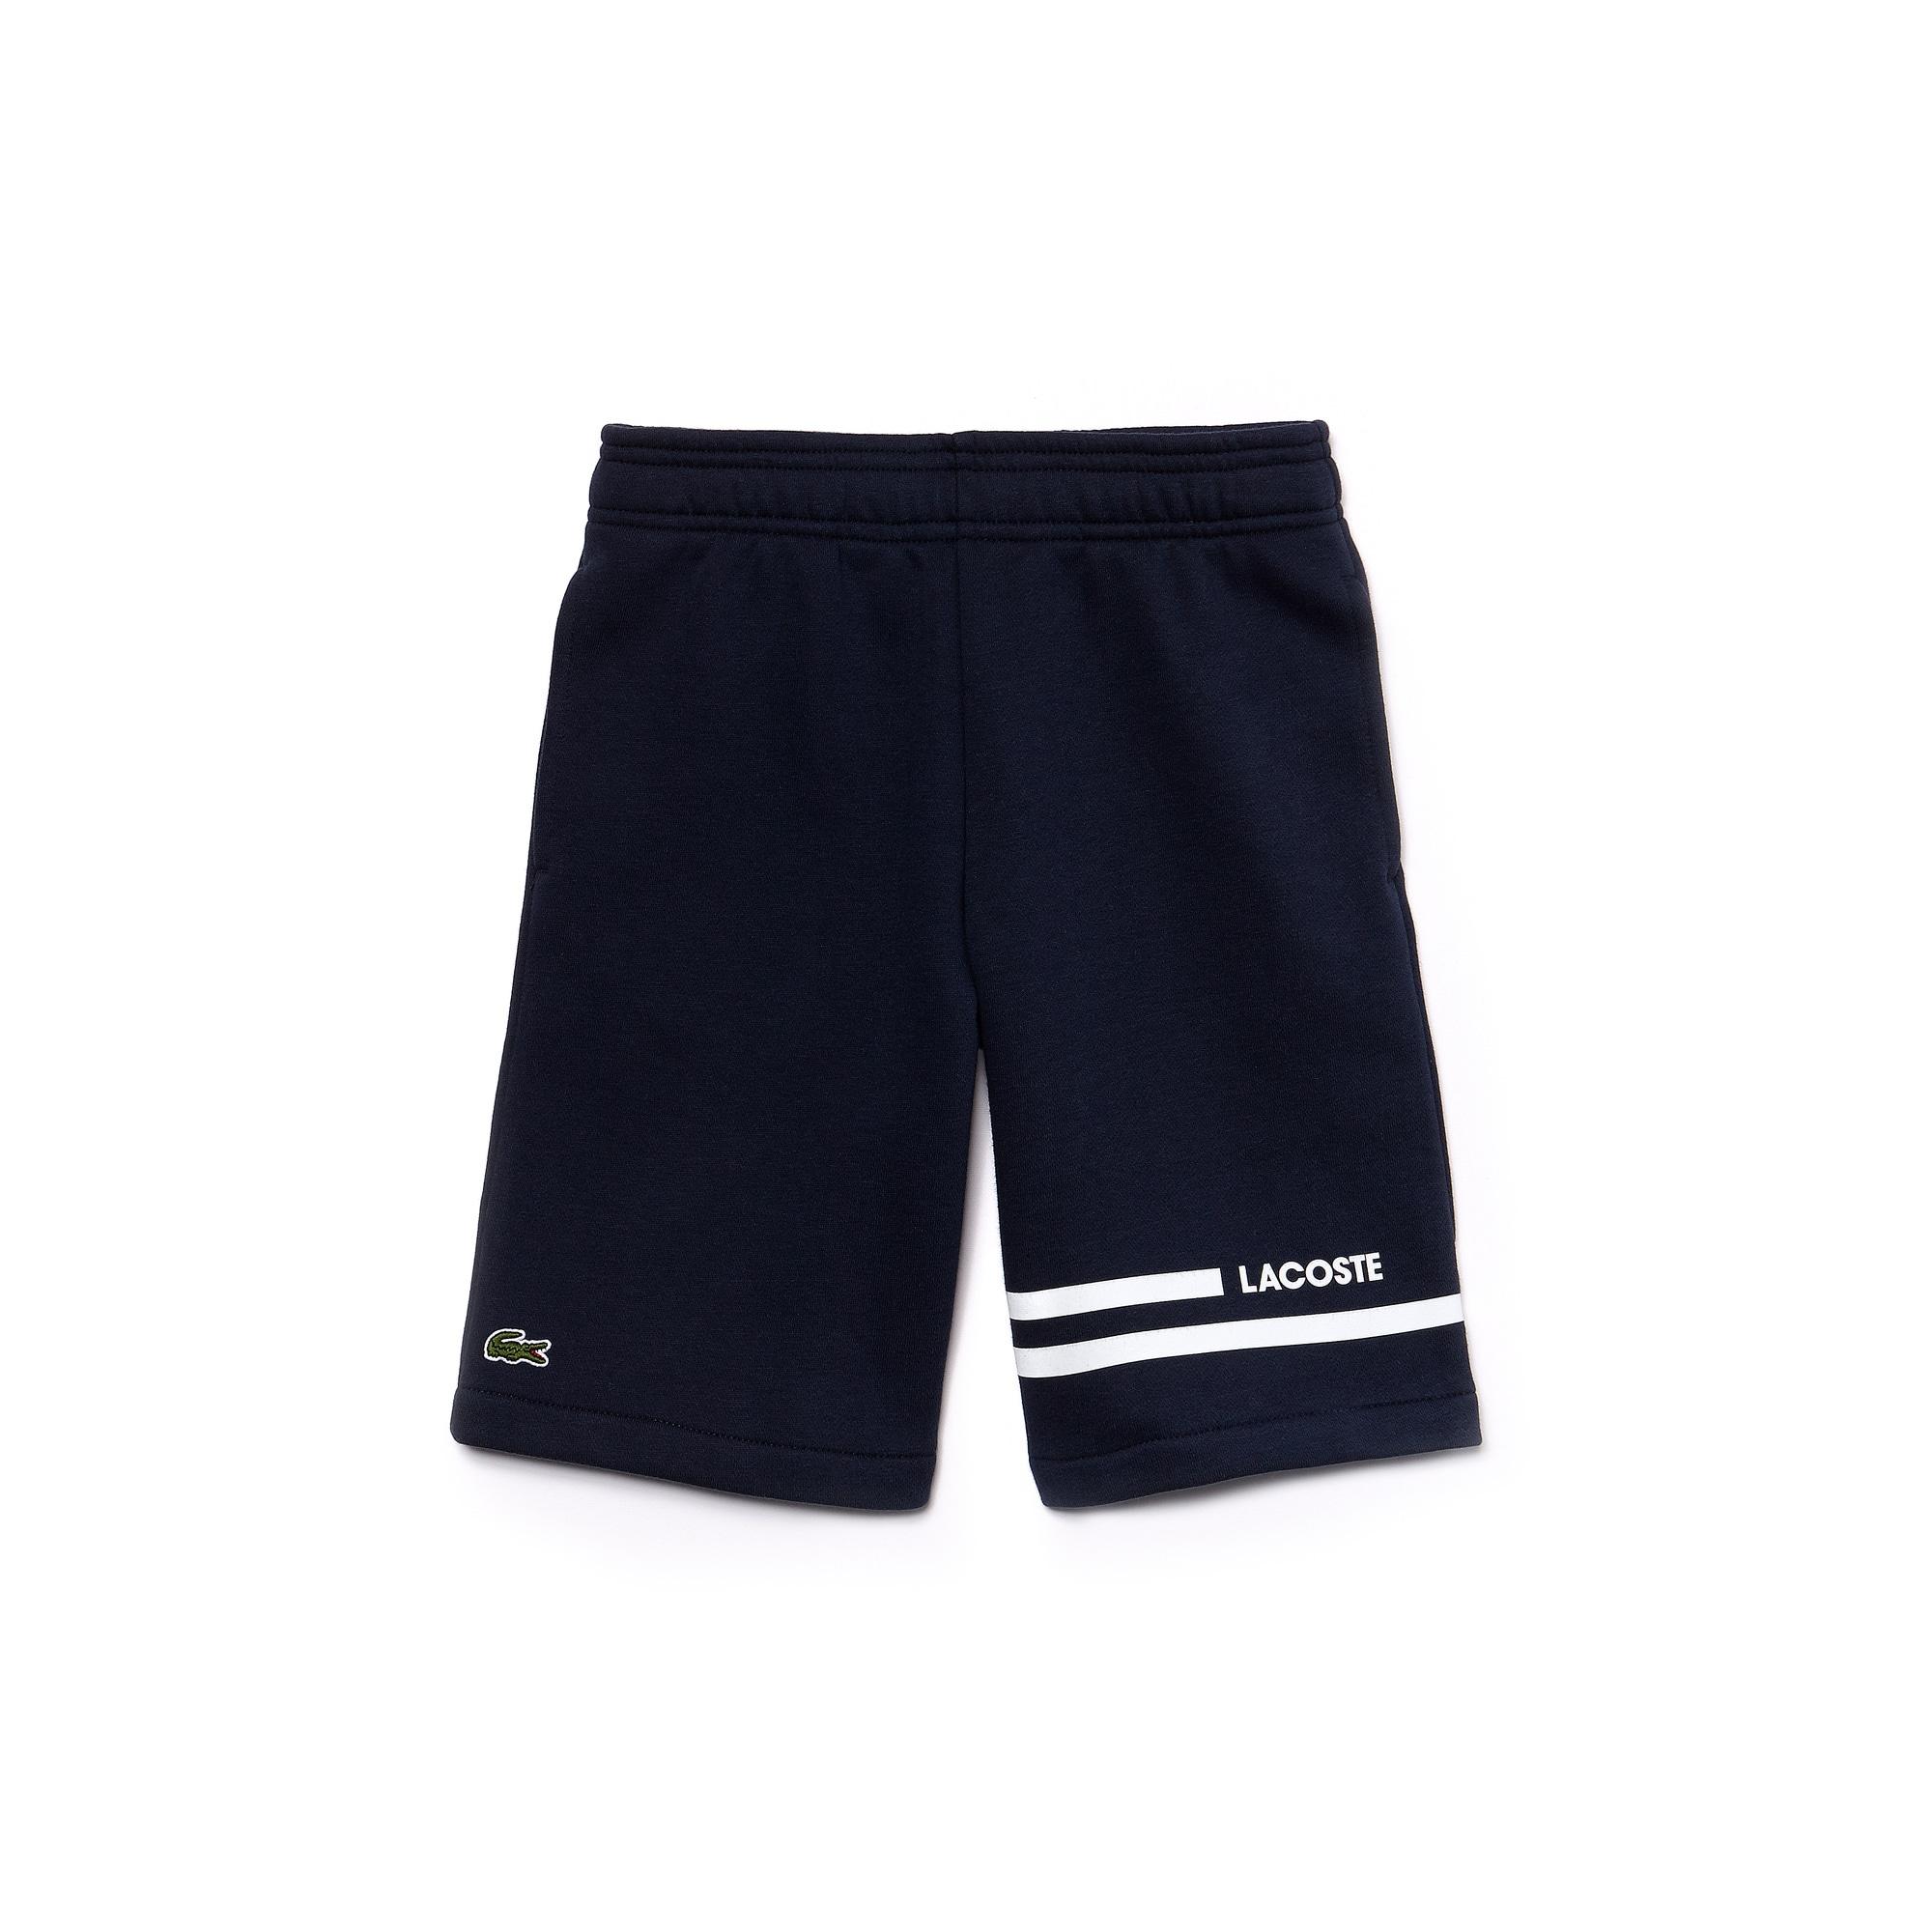 Pantalón corto de chico Tenis Lacoste SPORT en muletón con franjas en contraste